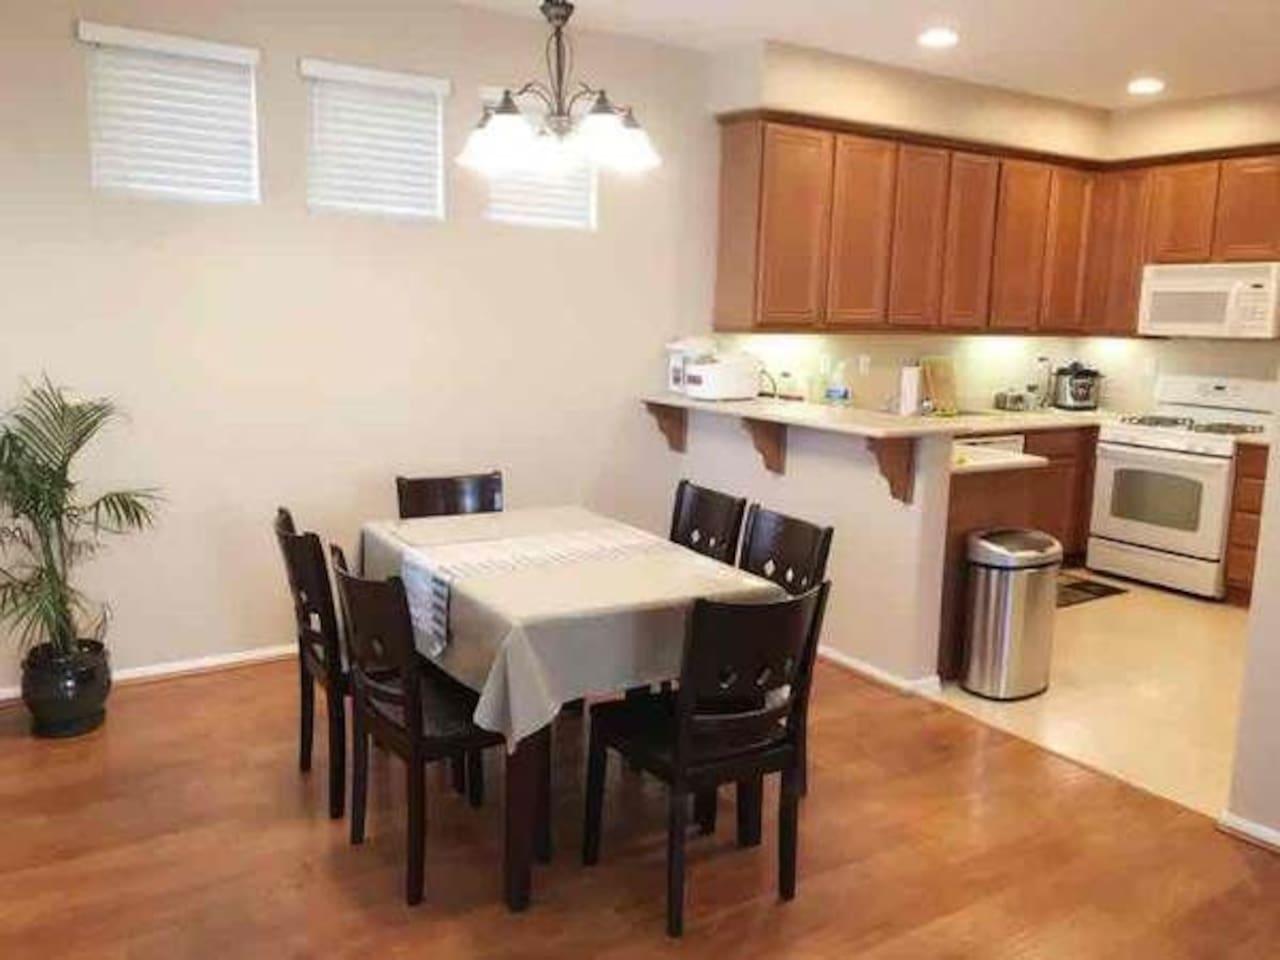 餐桌能同时六人用餐。厨房配有微波炉,电饭煲,压力锅,净化饮用水,烤炉,超大电冰箱.电热水壶.